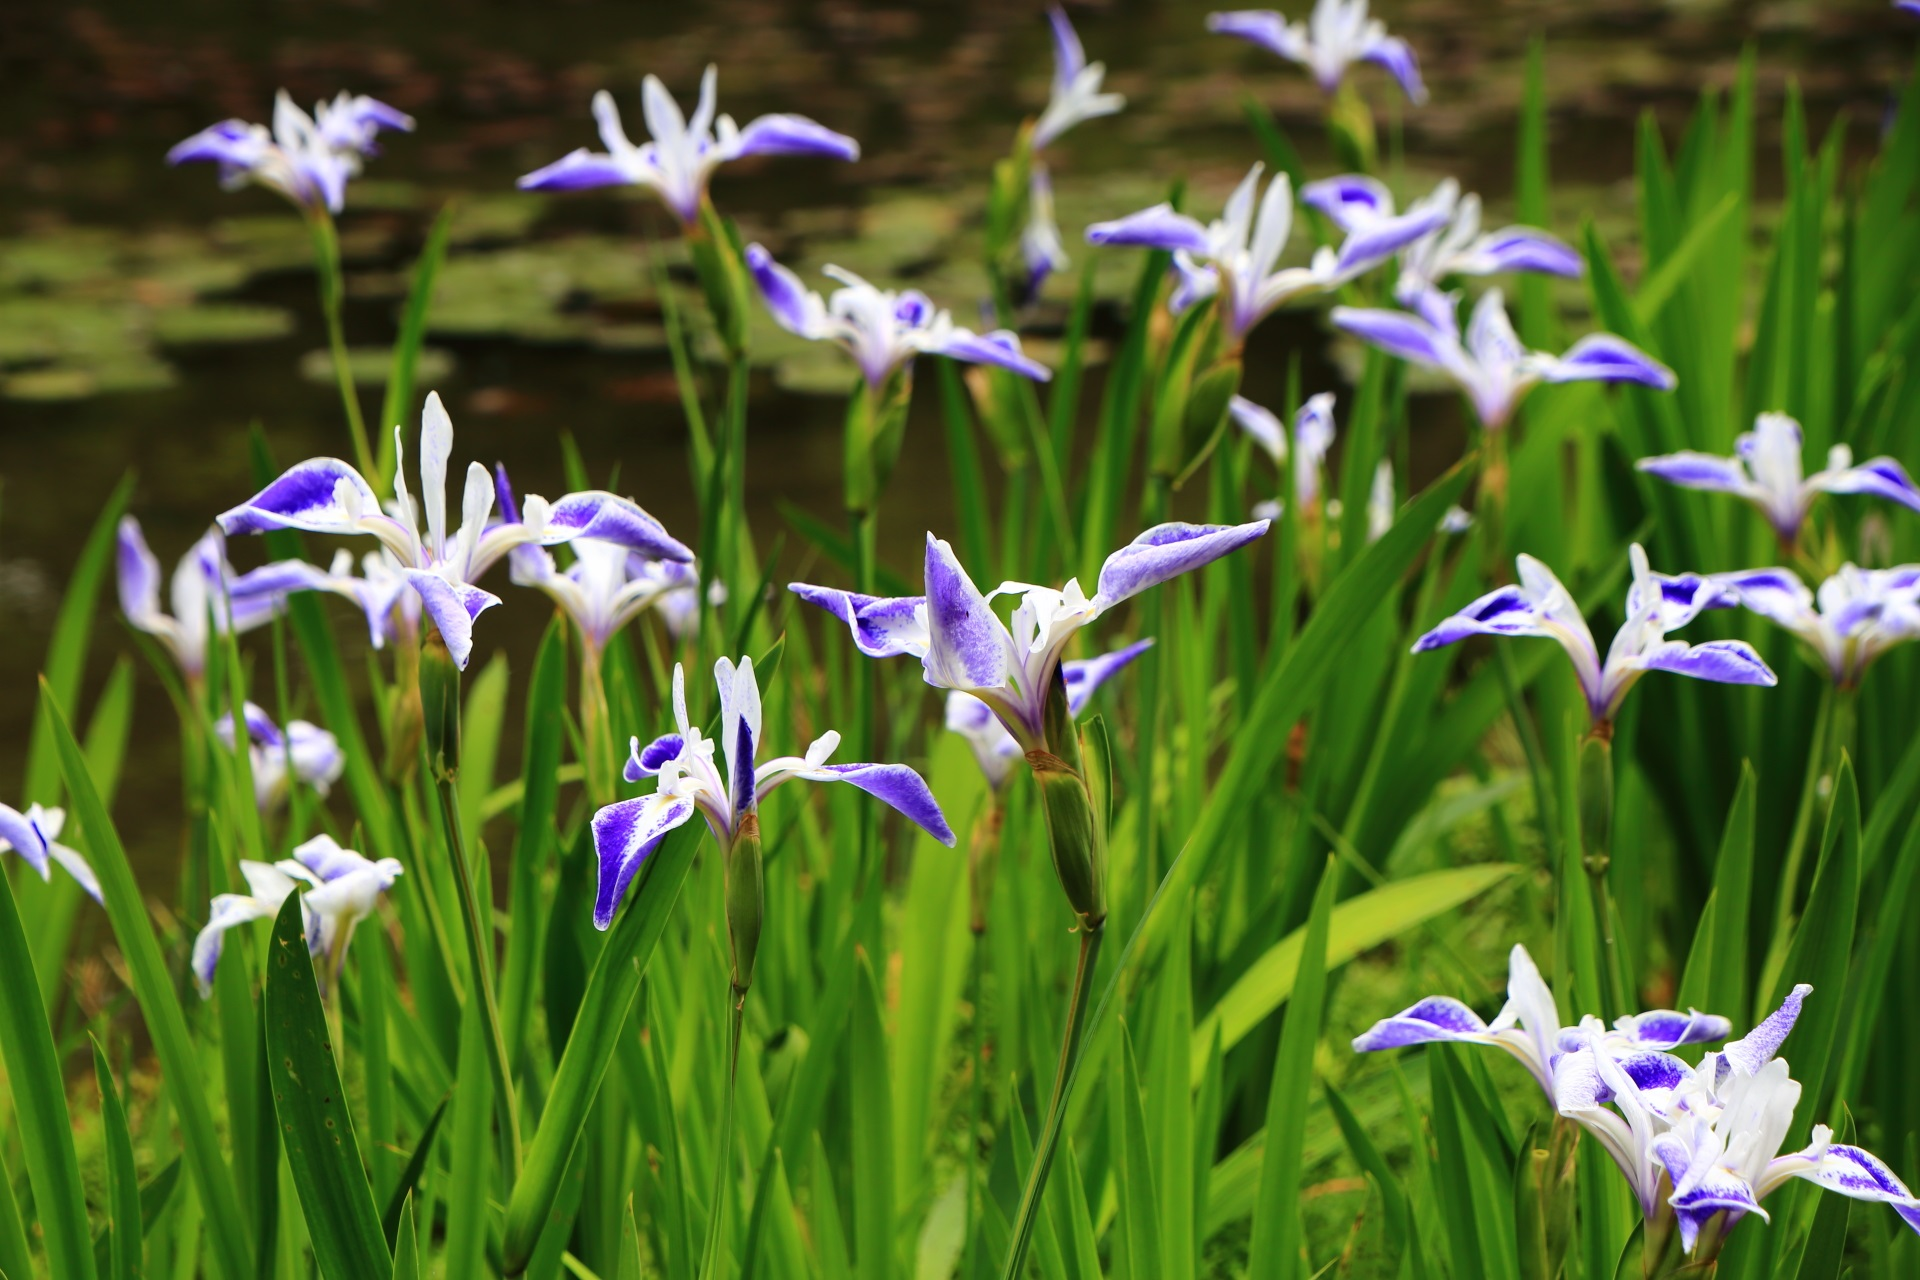 平安神宮 折鶴・杜若・睡蓮 楽しく華やかな春の水辺